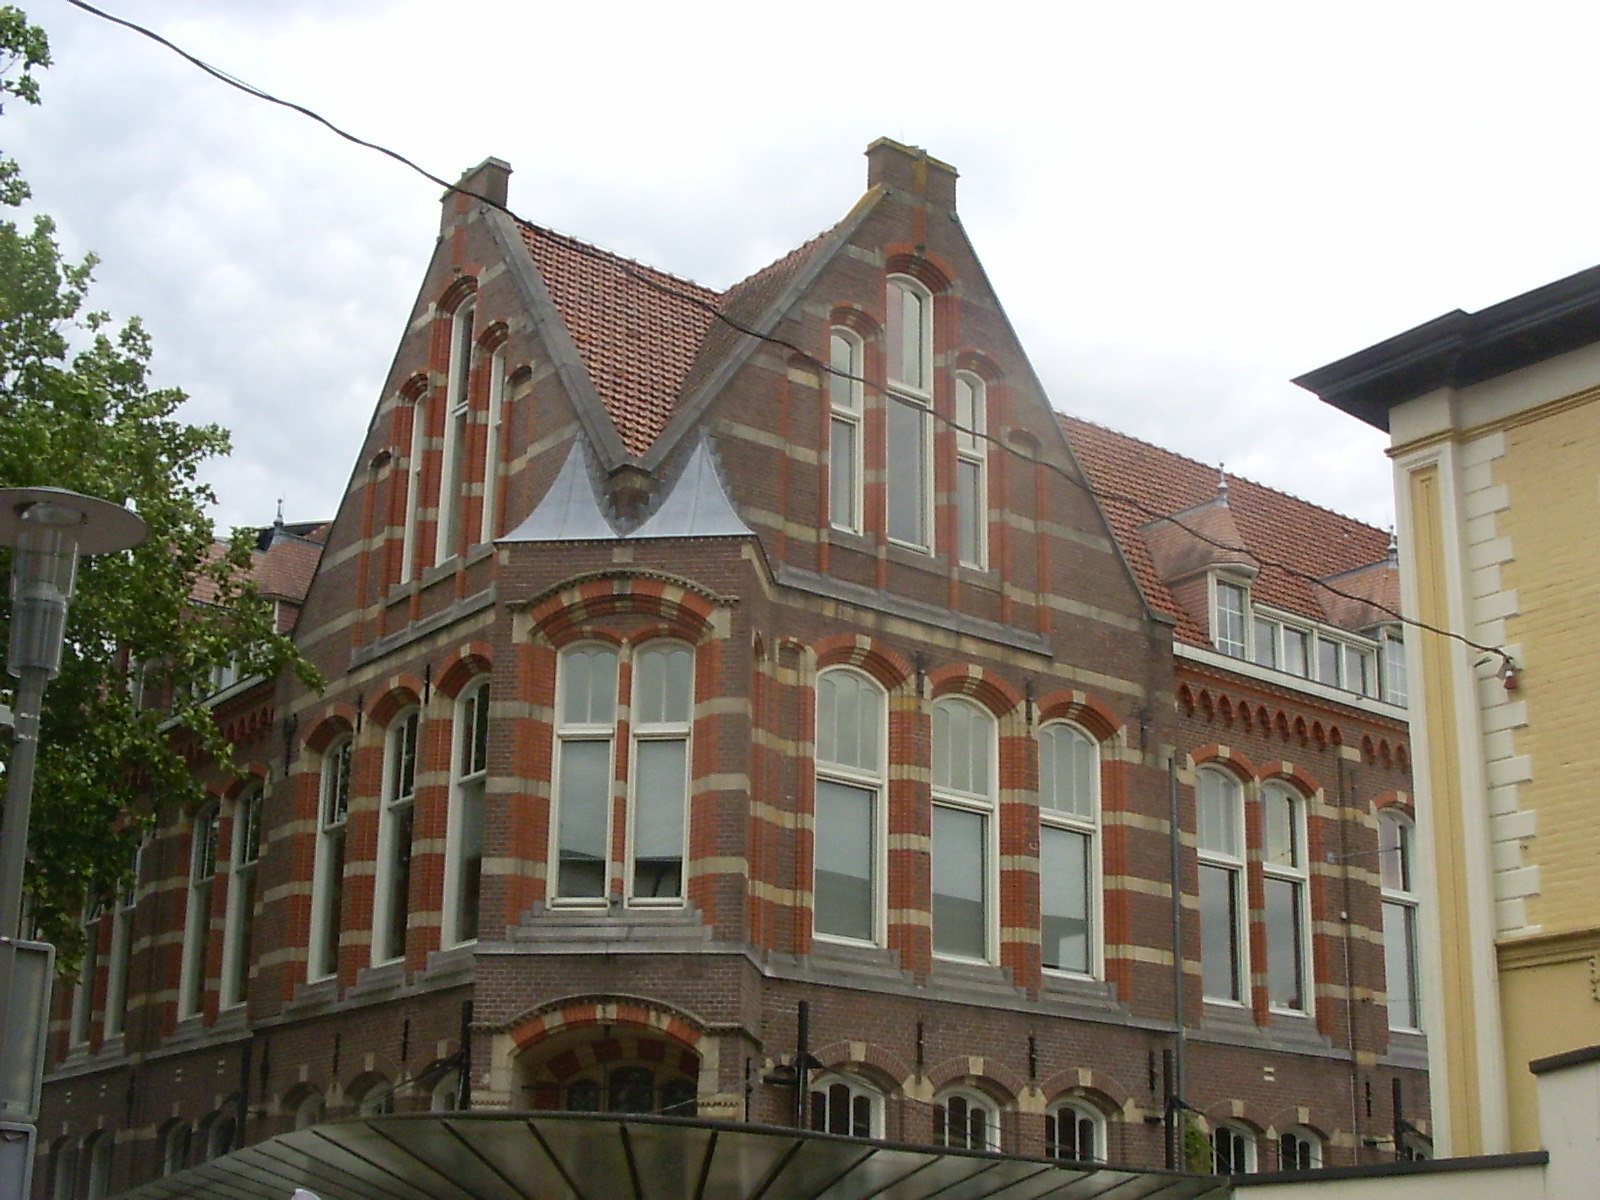 Kluswoningen in oud Apeldoorns postkantoor